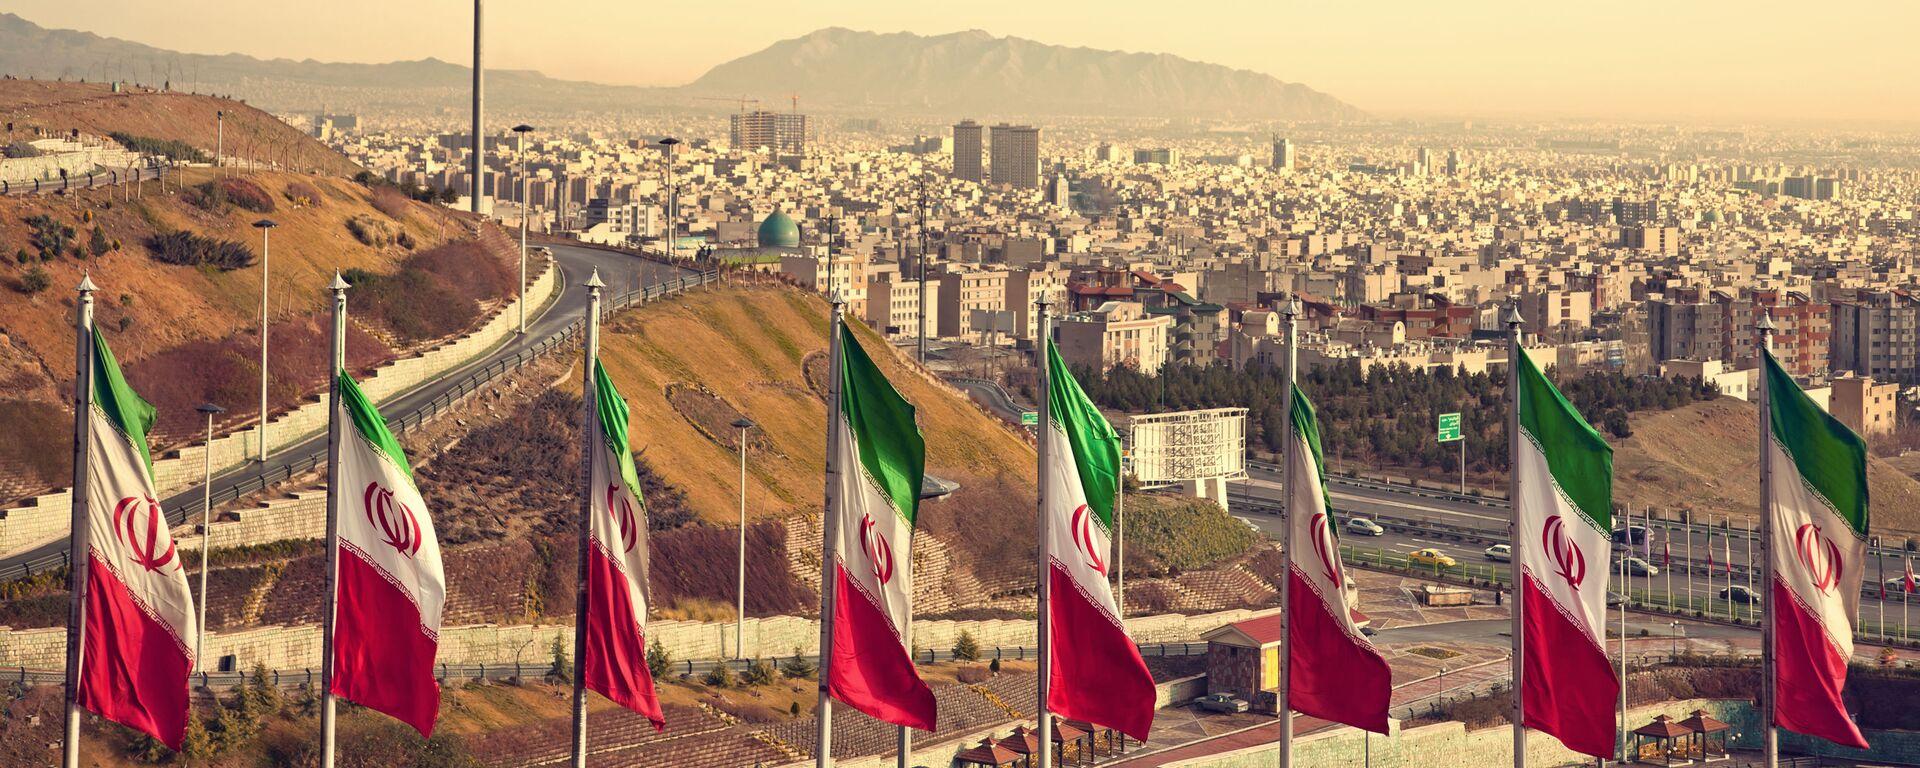 Teheran, Iran - Sputnik Polska, 1920, 30.07.2020